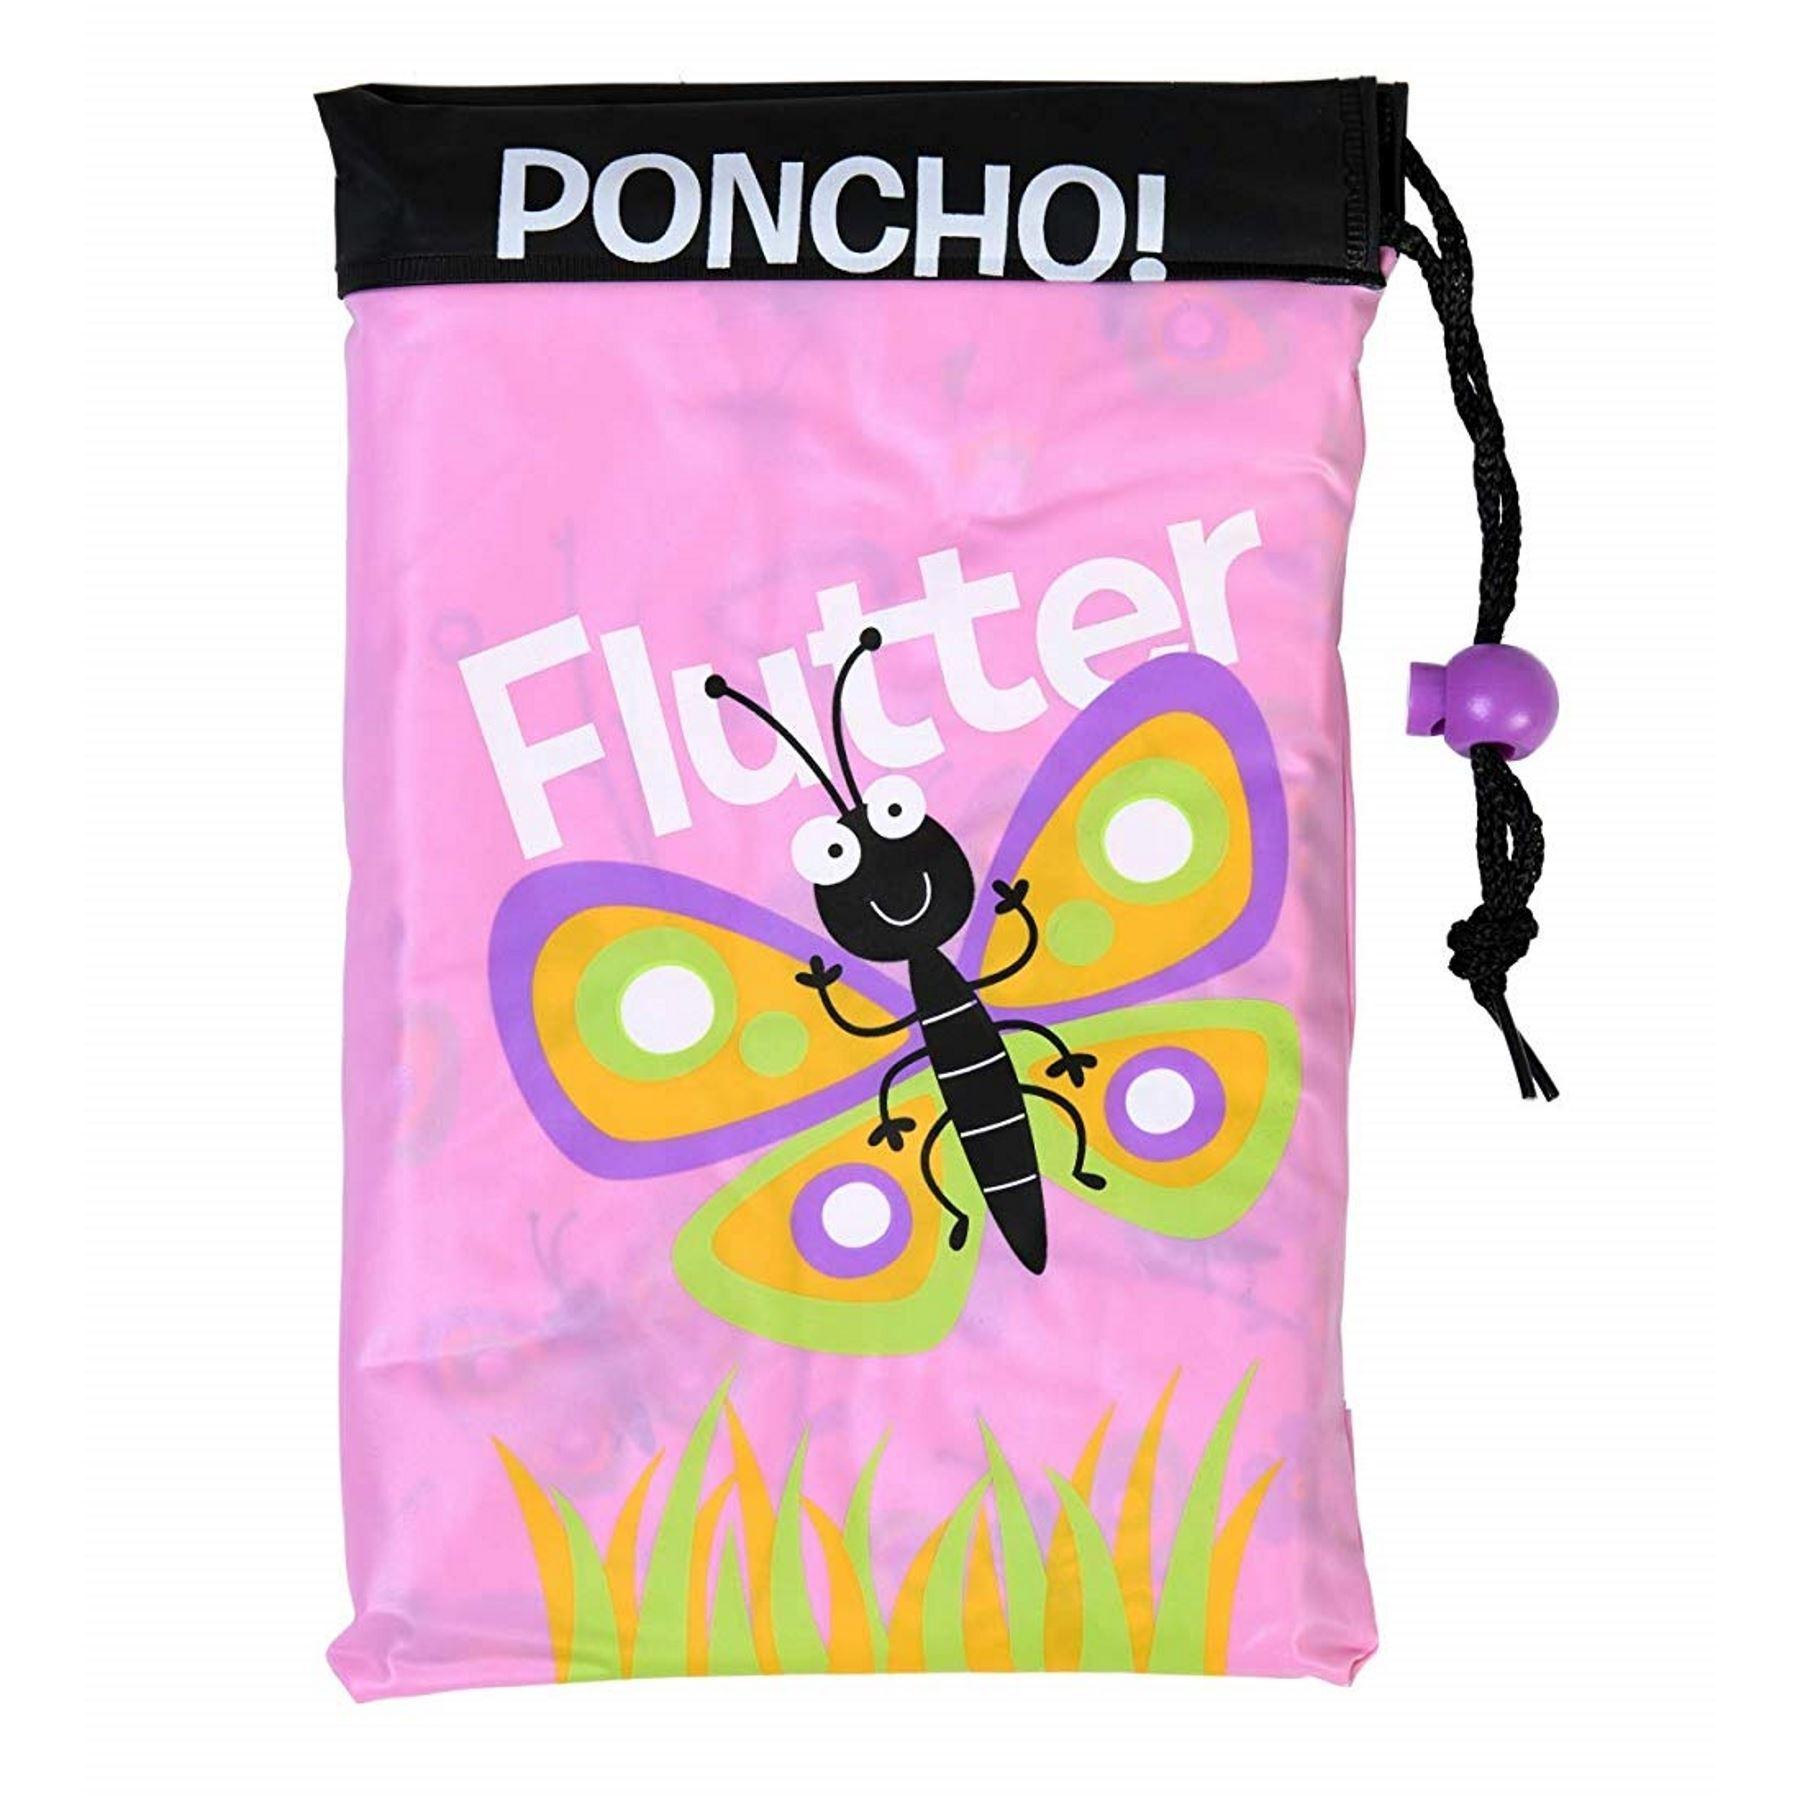 PROMO Bugzz @ soake PVC Poncho Imperméable Enfants Housse De Pluie Imperméable 3-6 ans